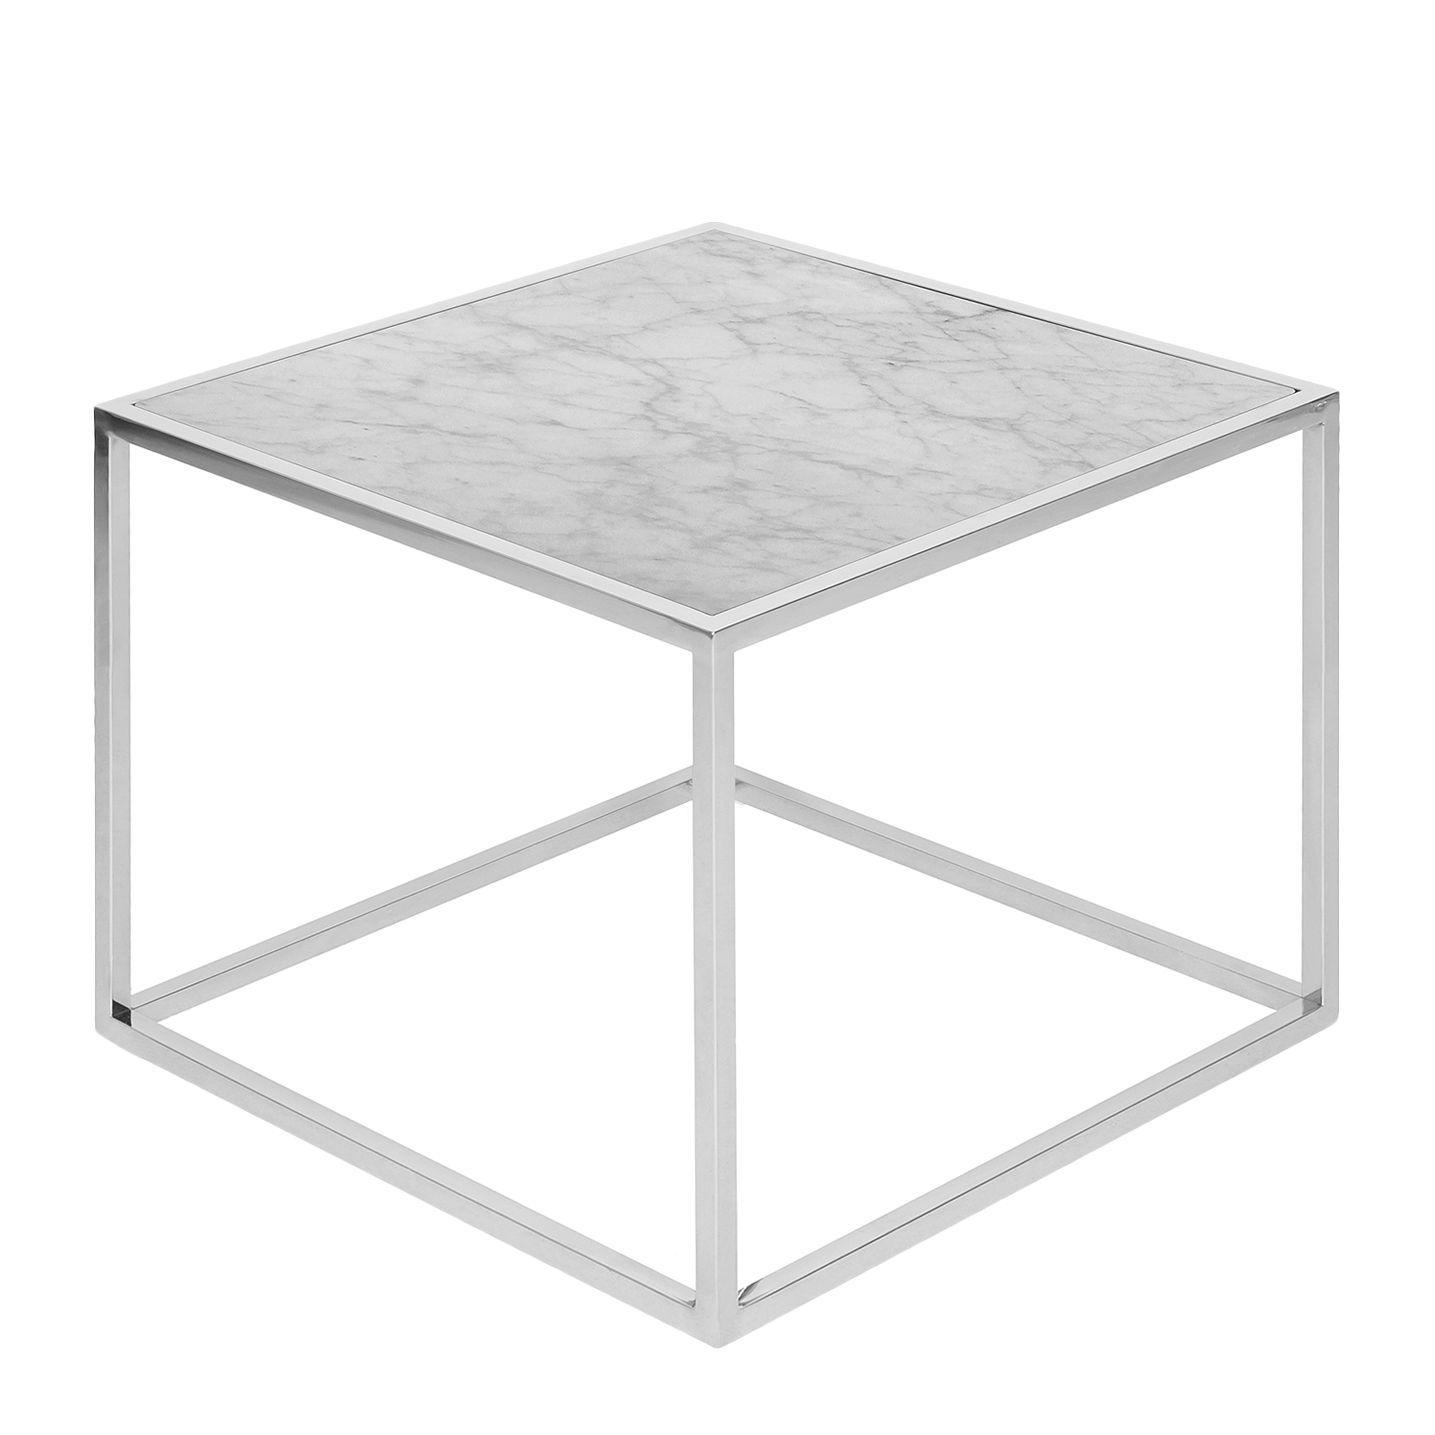 Beistelltisch Jacob - Marmor / Edelstahl - Weiß / Silber Jetzt ...